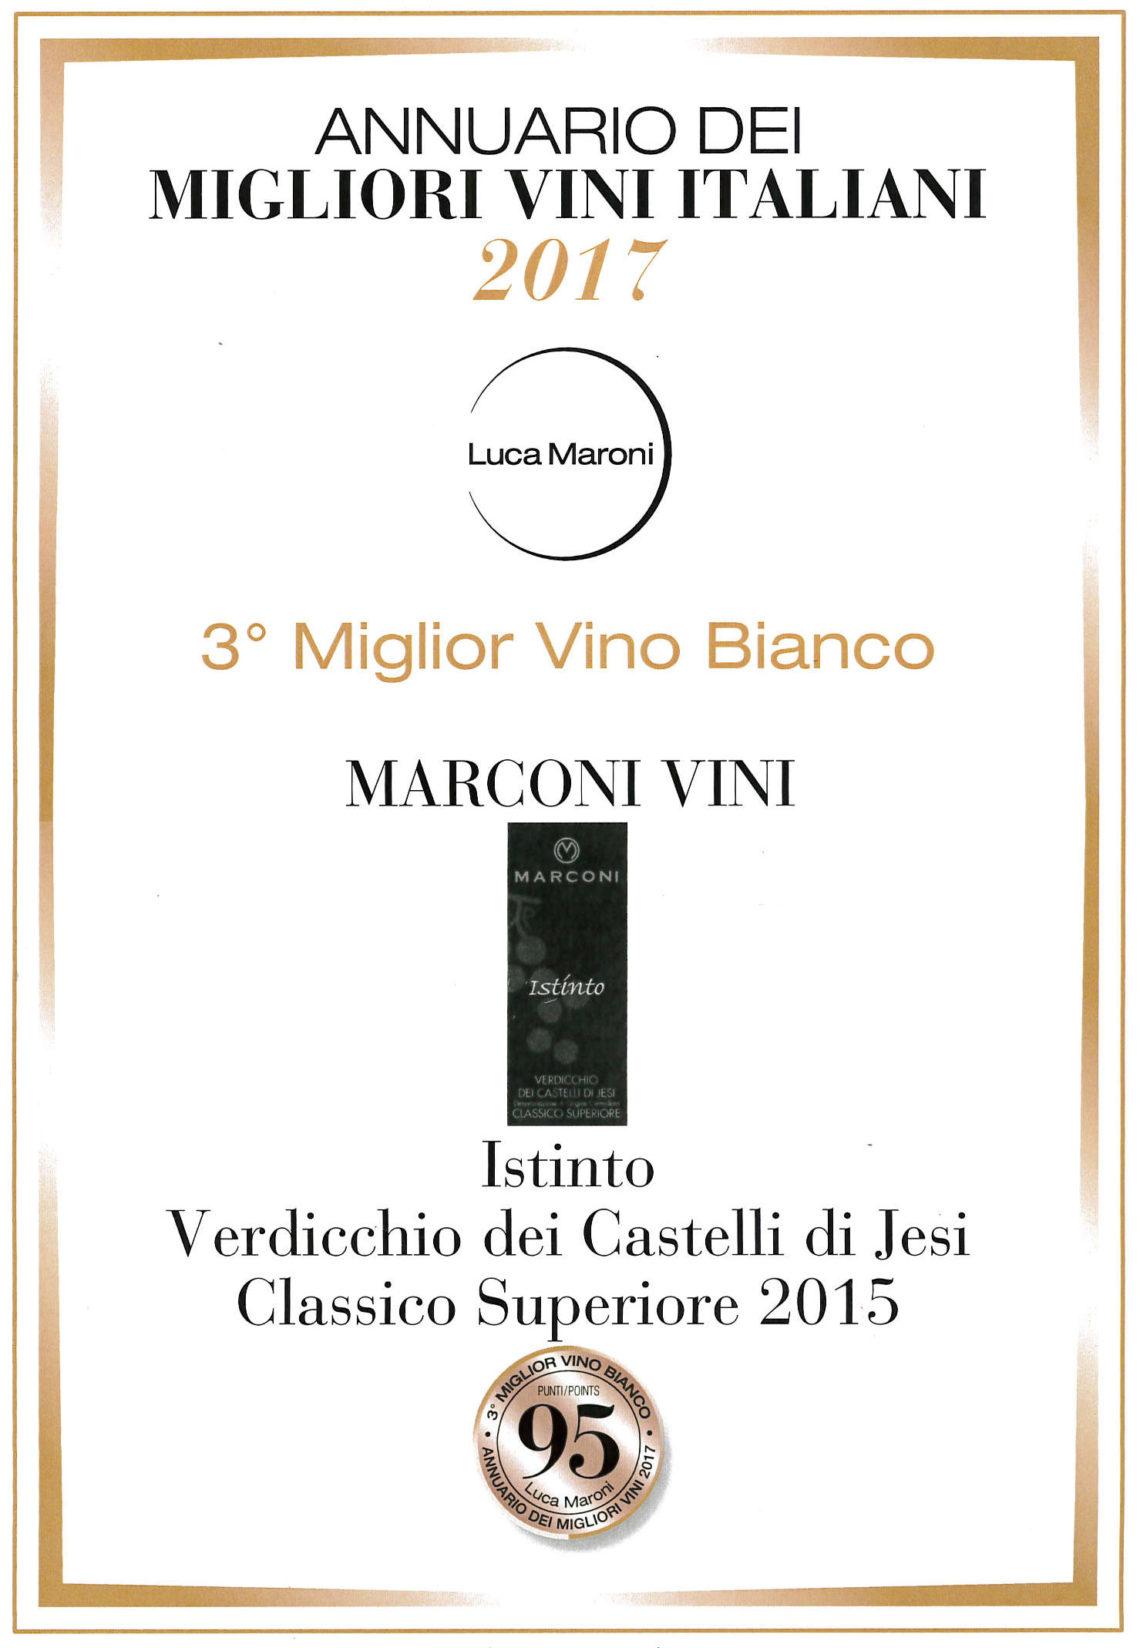 Marconi Vini - Verdicchio dei Castelli di Jesi Classico Superiore 2015 - Terzo Miglior Vino Bianco - Annuario dei Migliori Vini Italiani 2017